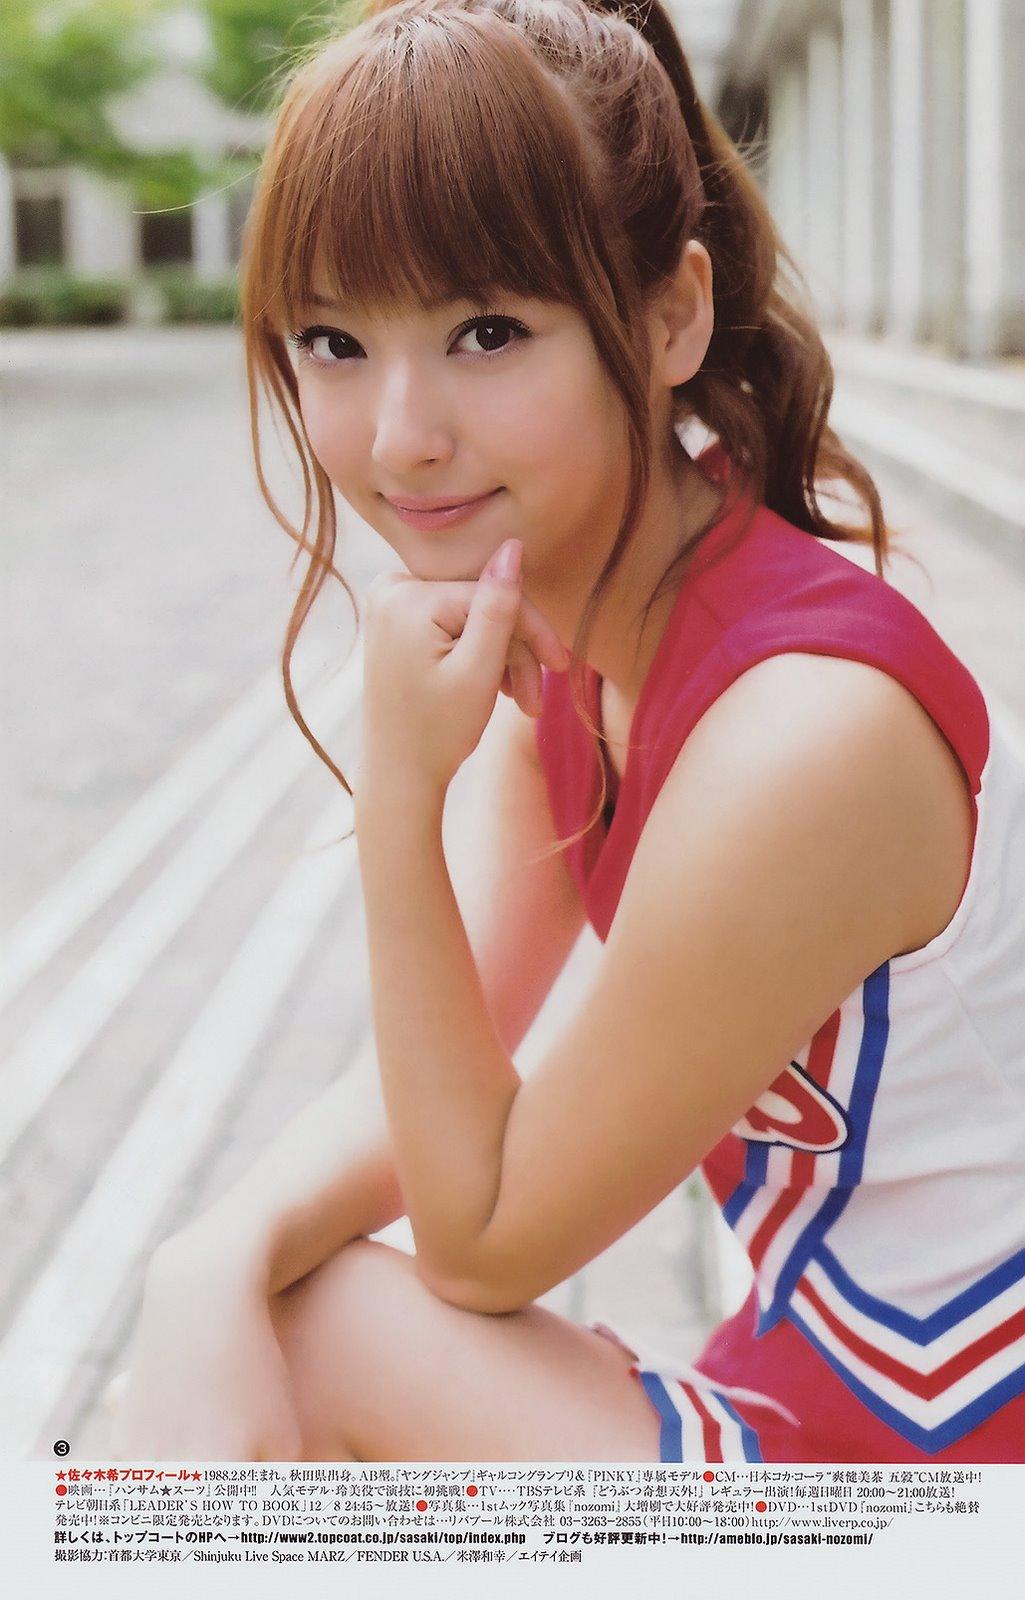 Японки фото просмотр онлайн бесплатно без смс и регистрации 19 фотография